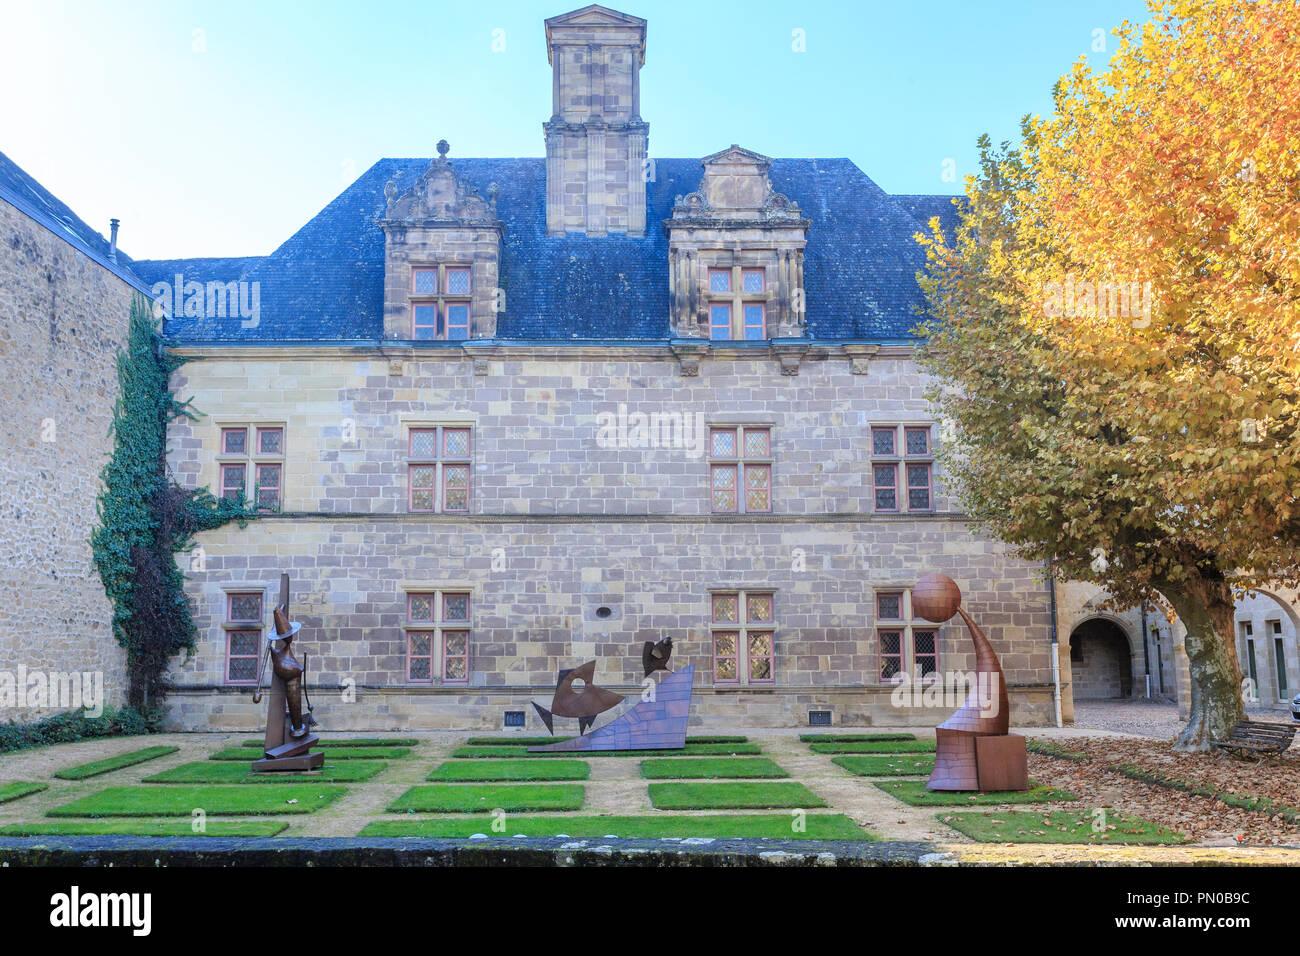 Francia, Correze, Brive la Gaillarde, Labenche, museo de arte e historia de la ciudad de Brive la Gaillarde, se instalaron en el hotel Labenche // Francia, Corrèz Foto de stock